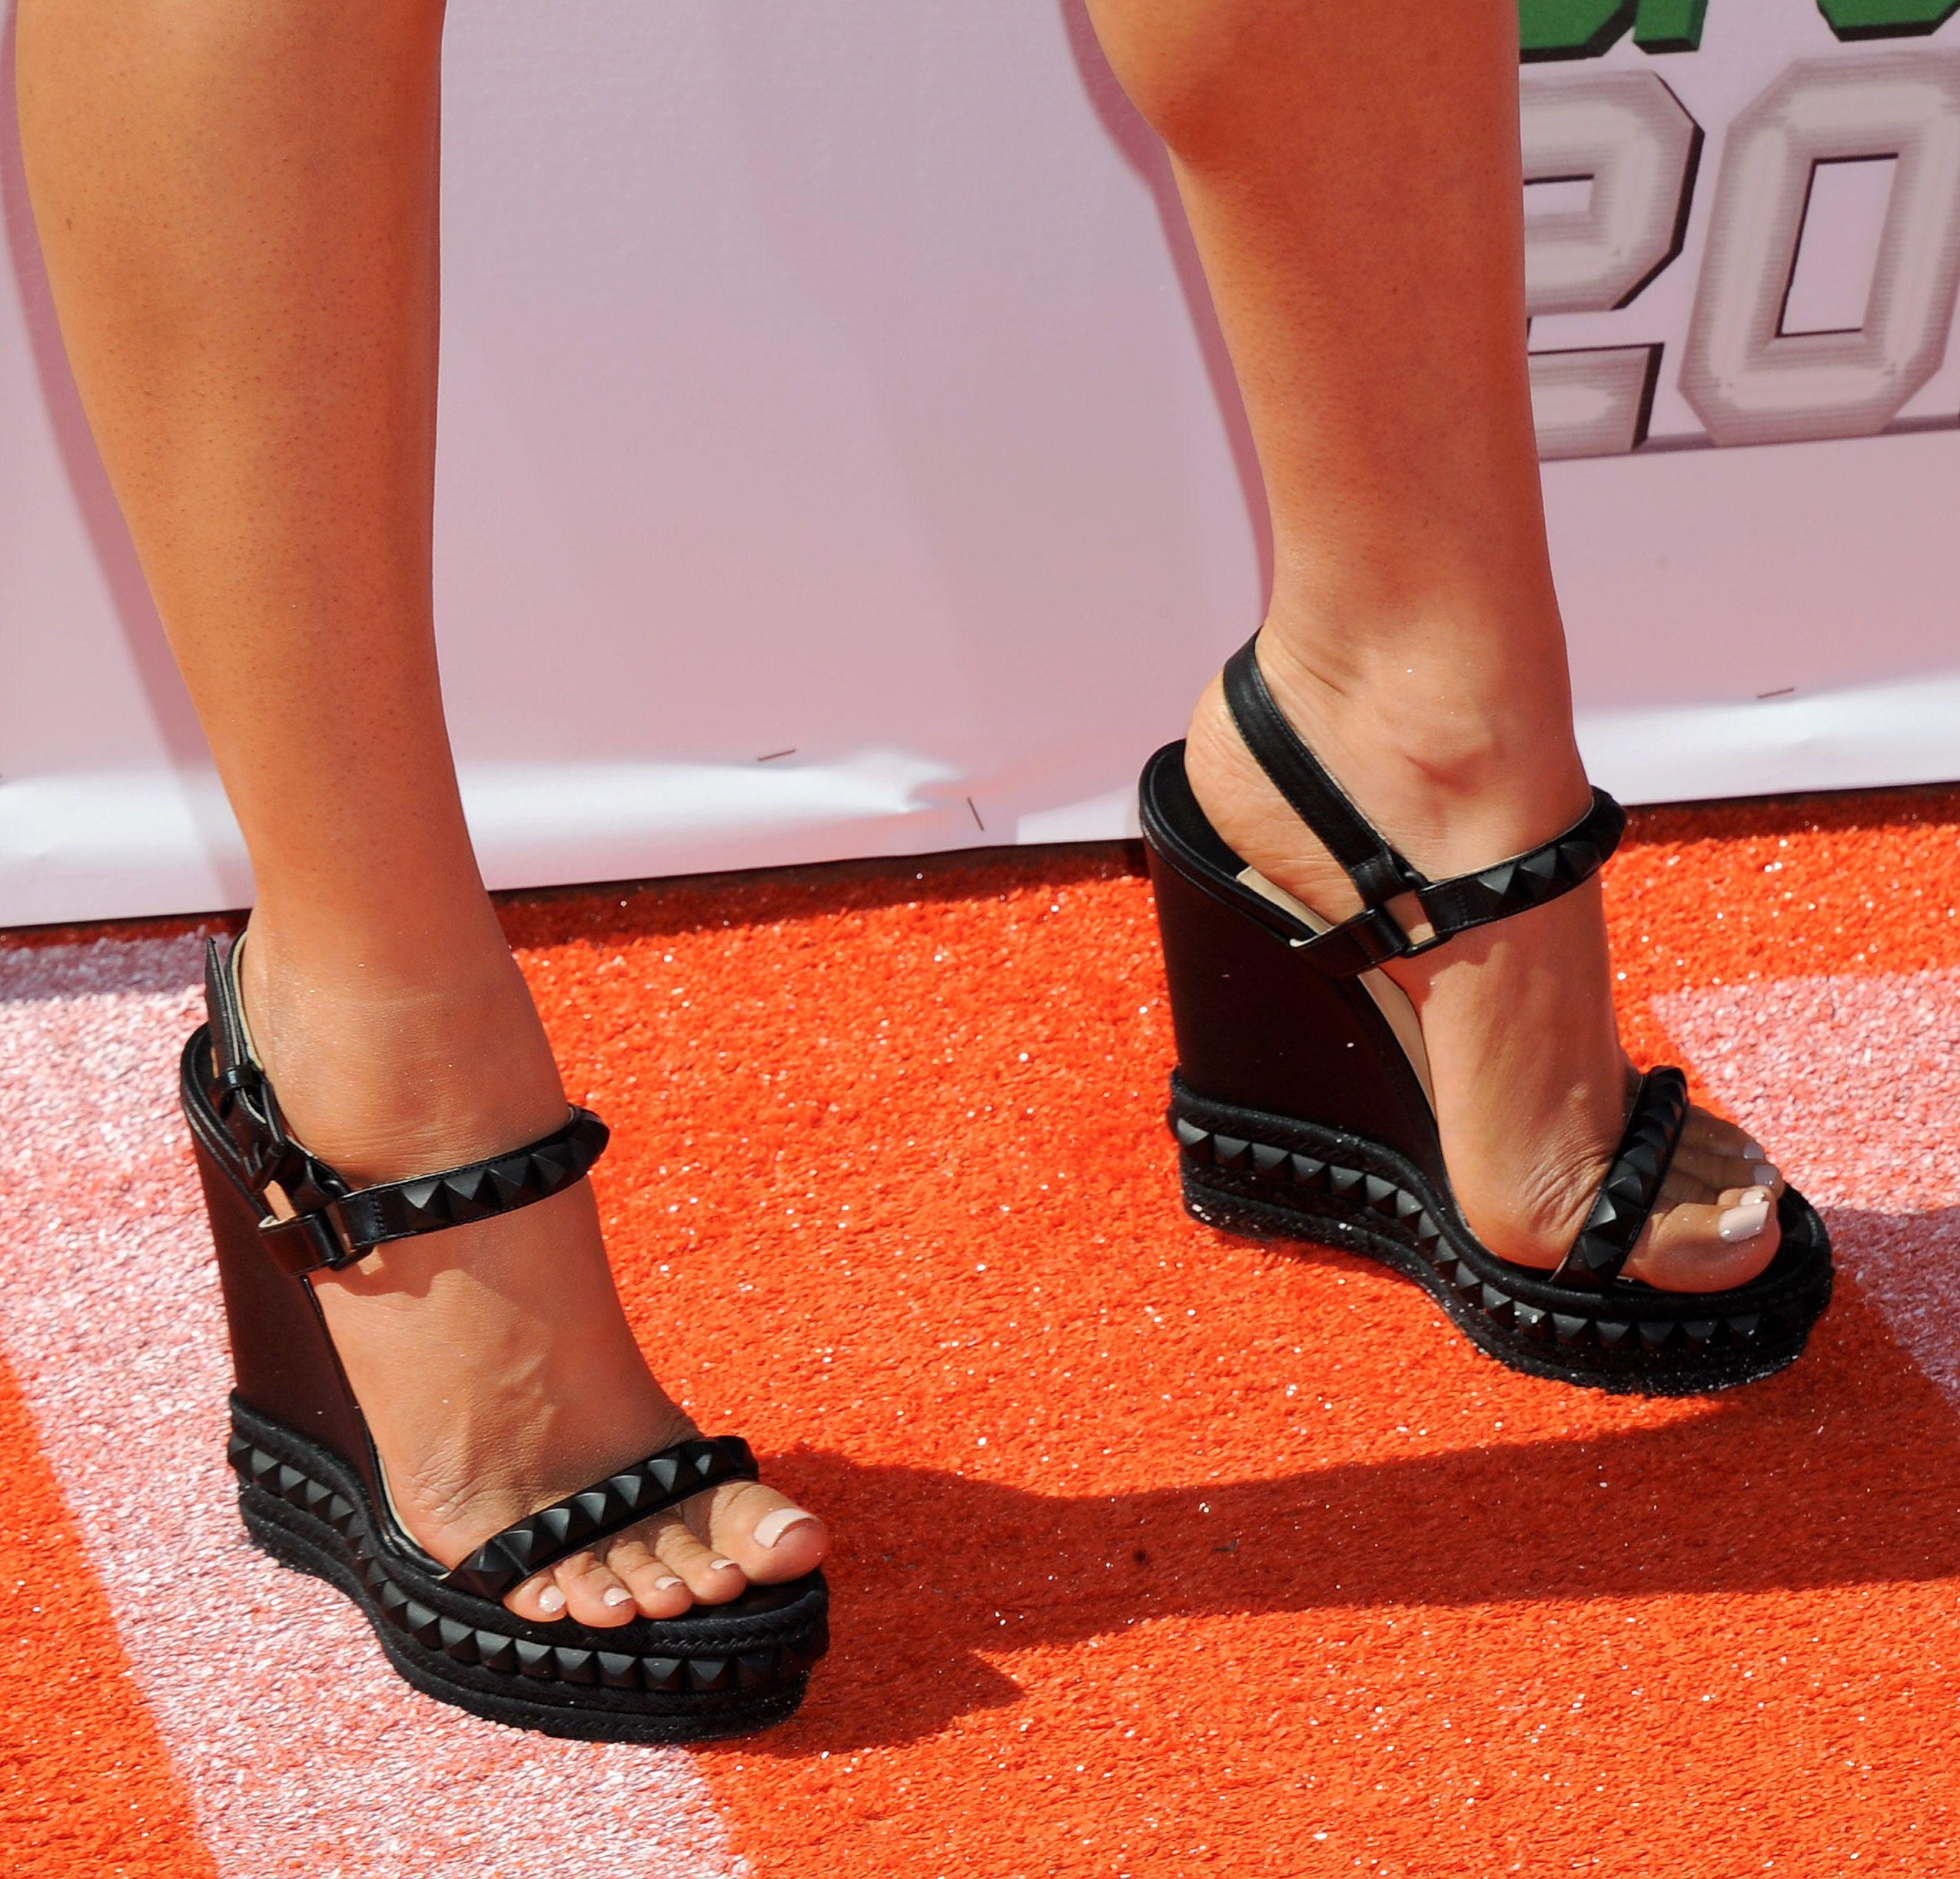 Lou boutin heels, Megan fox feet, Beautiful high heels